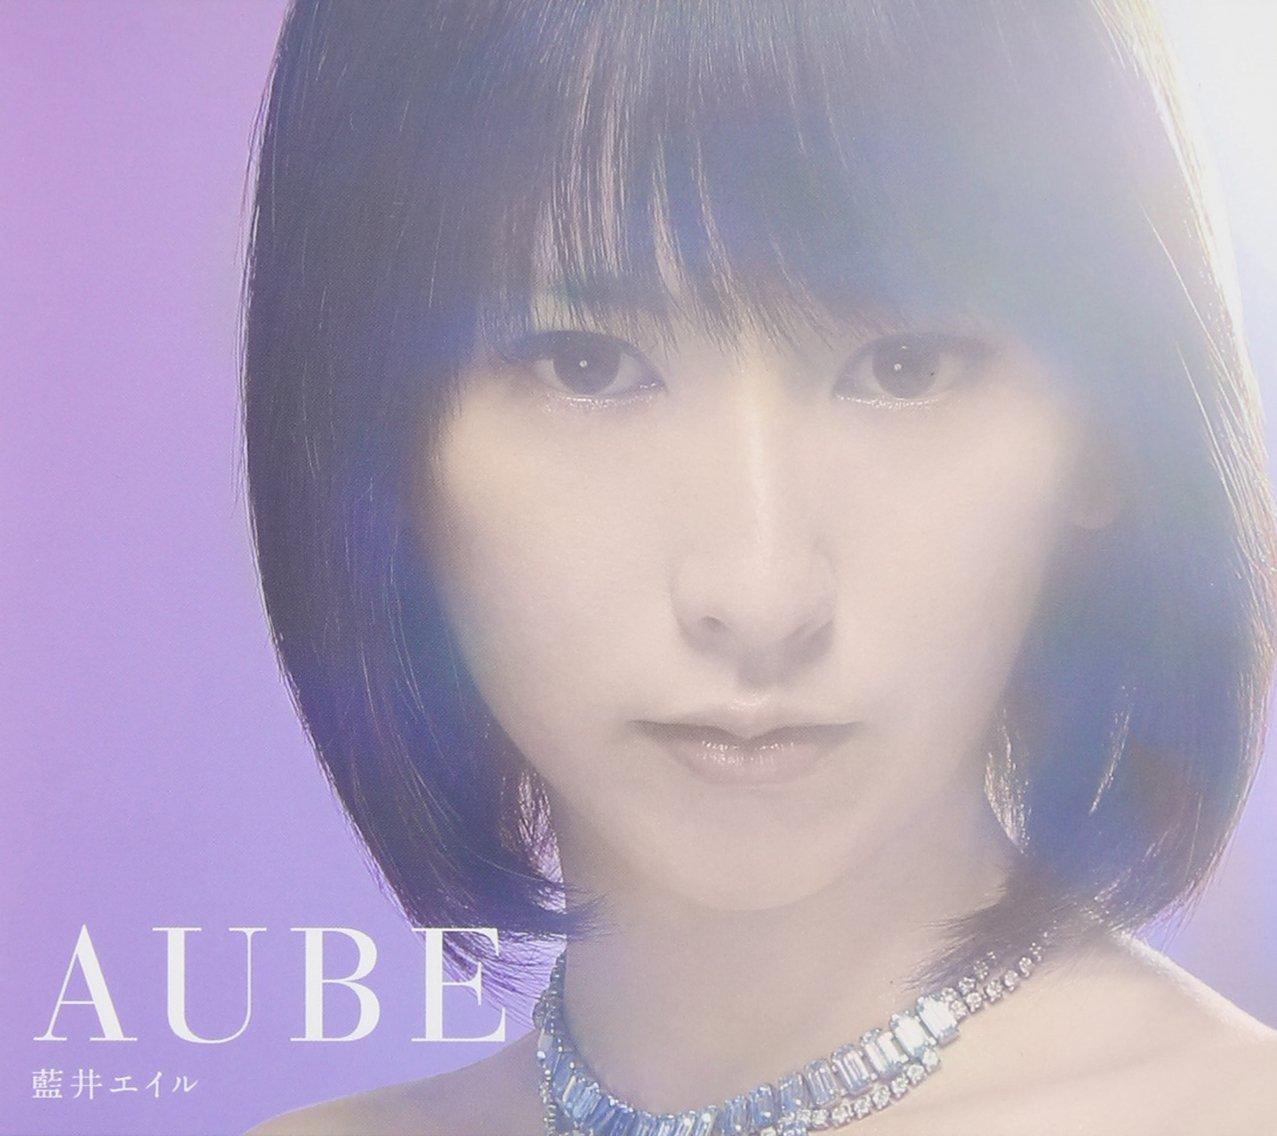 藍井エイル (Eir Aoi) – AUBE [Mora FLAC 24bit/96kHz]